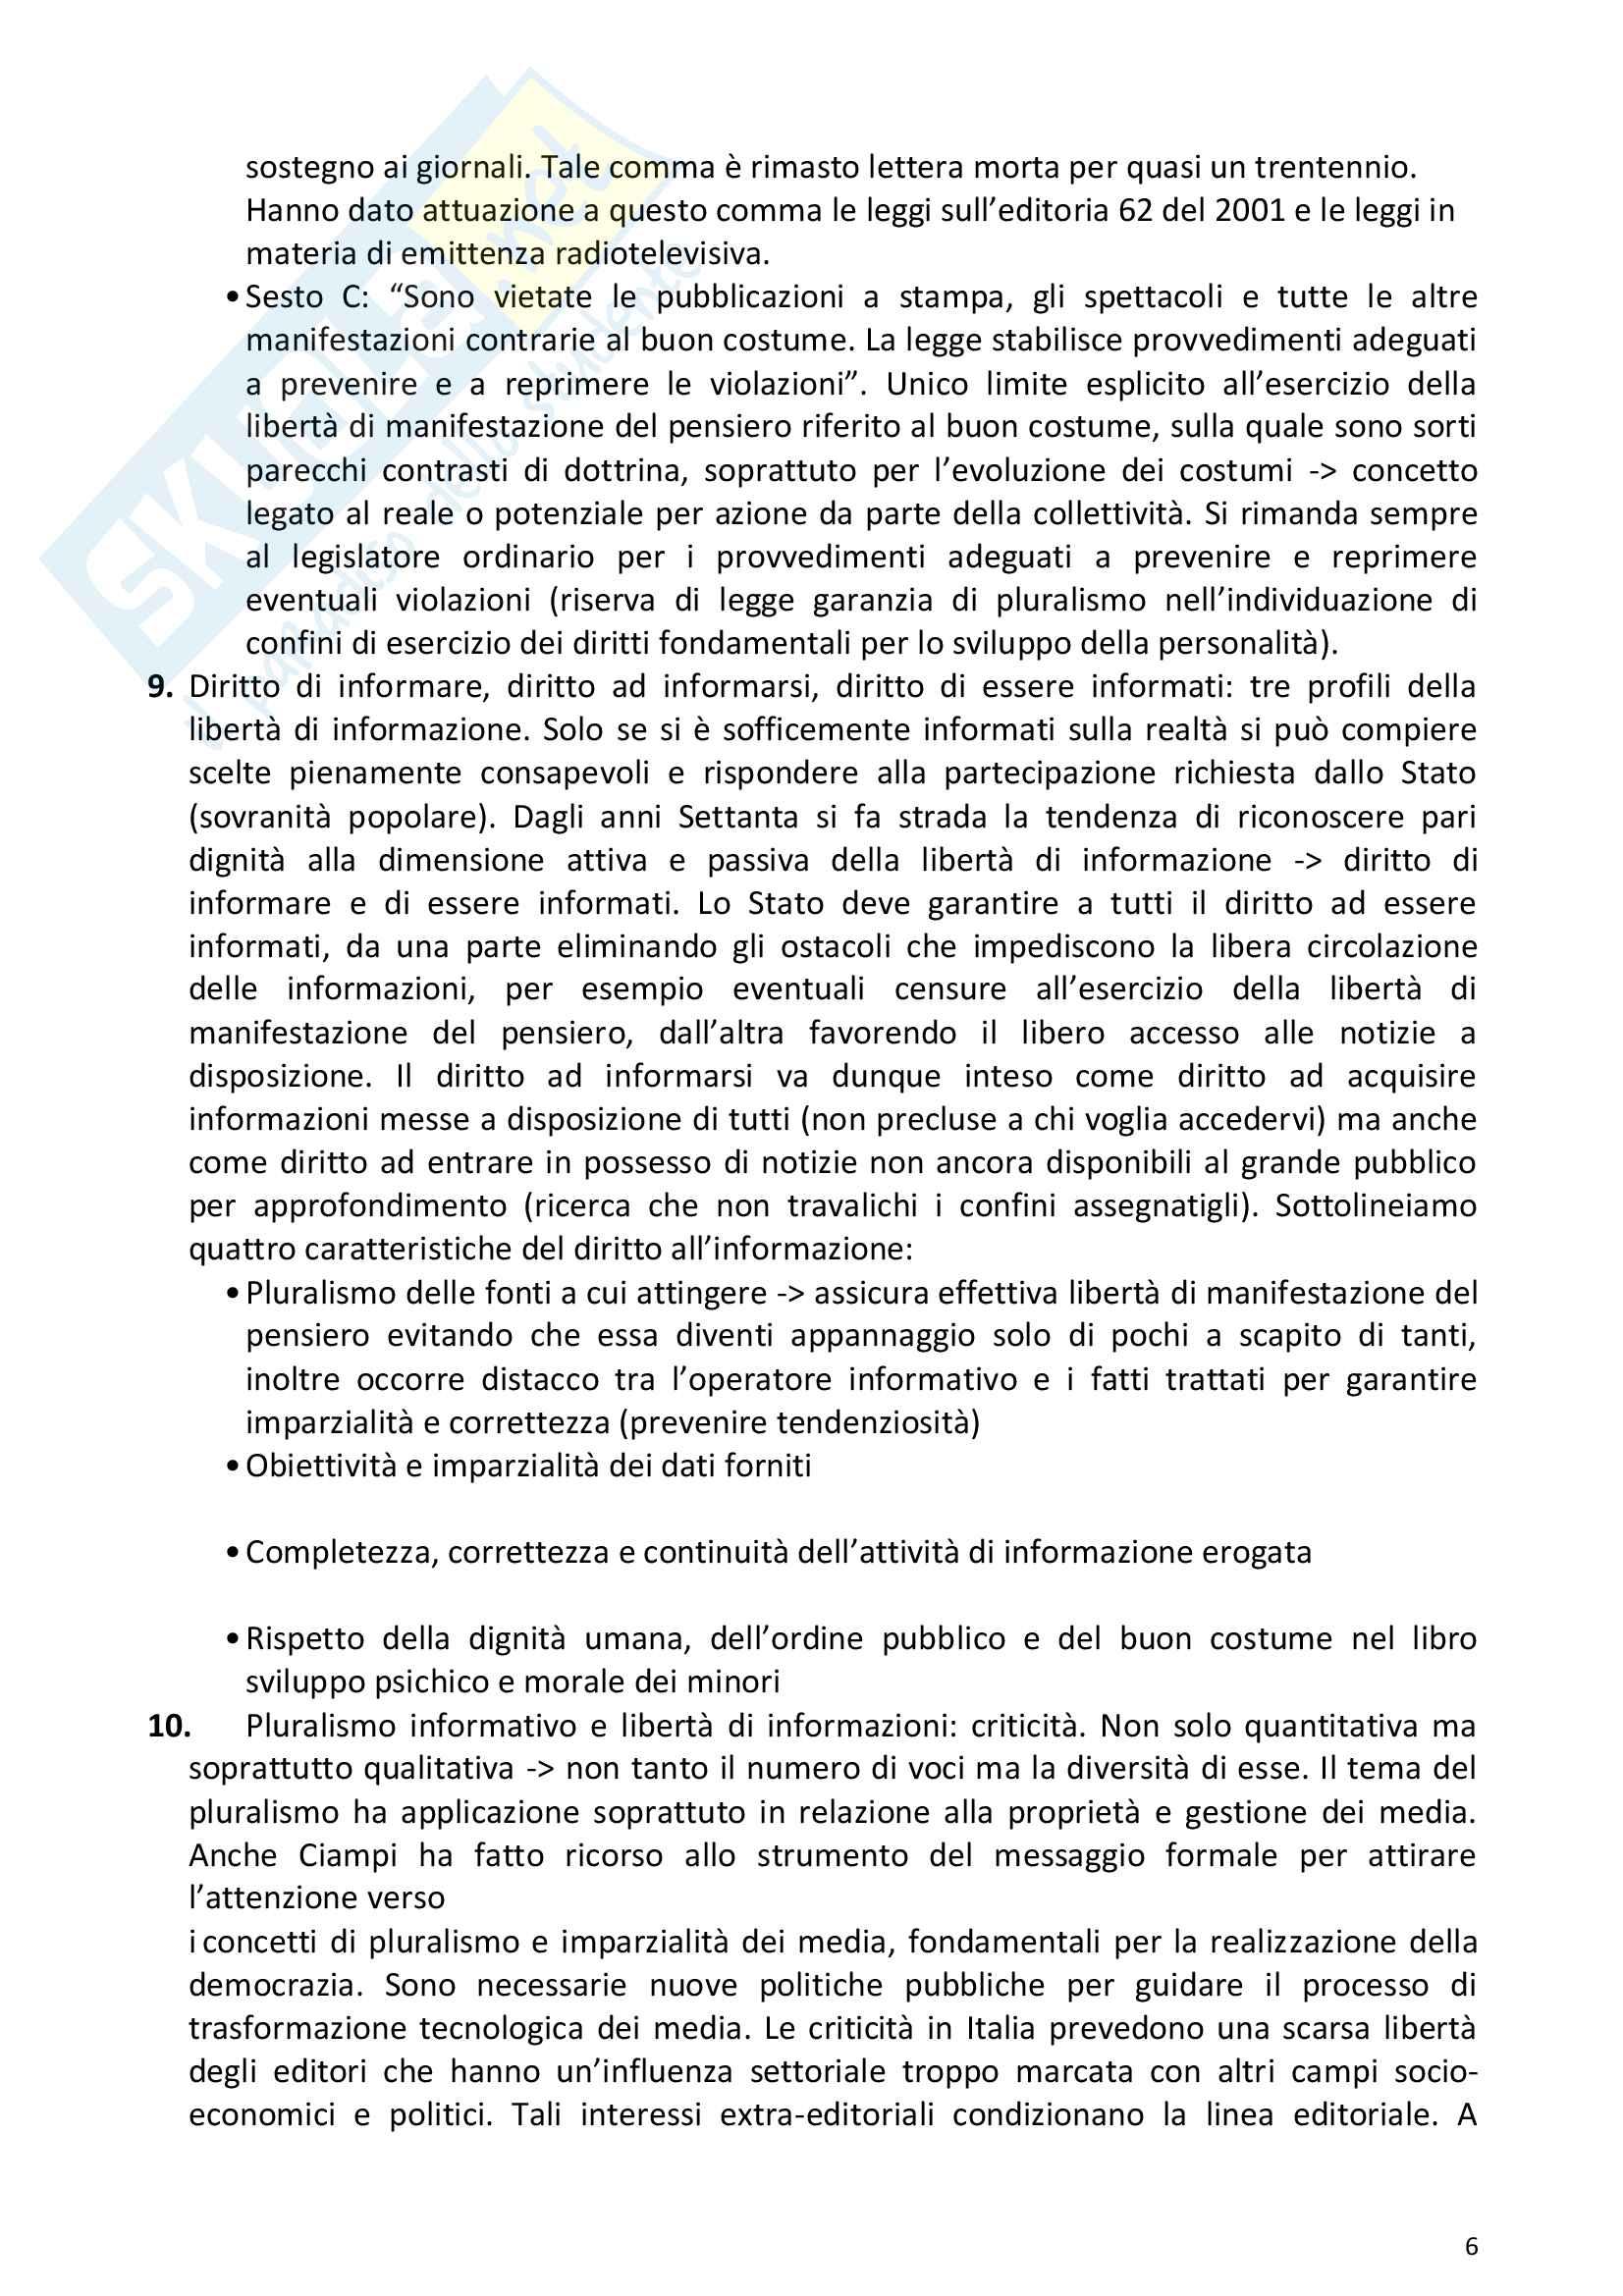 Riassunto esame Diritto della comunicazione per le imprese e i media, prof. Razzante. Libro consigliato Manuale di diritto dell'informazione e della comunicazione (Settima 7 edizione), Razzante (cap. 1,3,5,6,7,8,9) Pag. 6